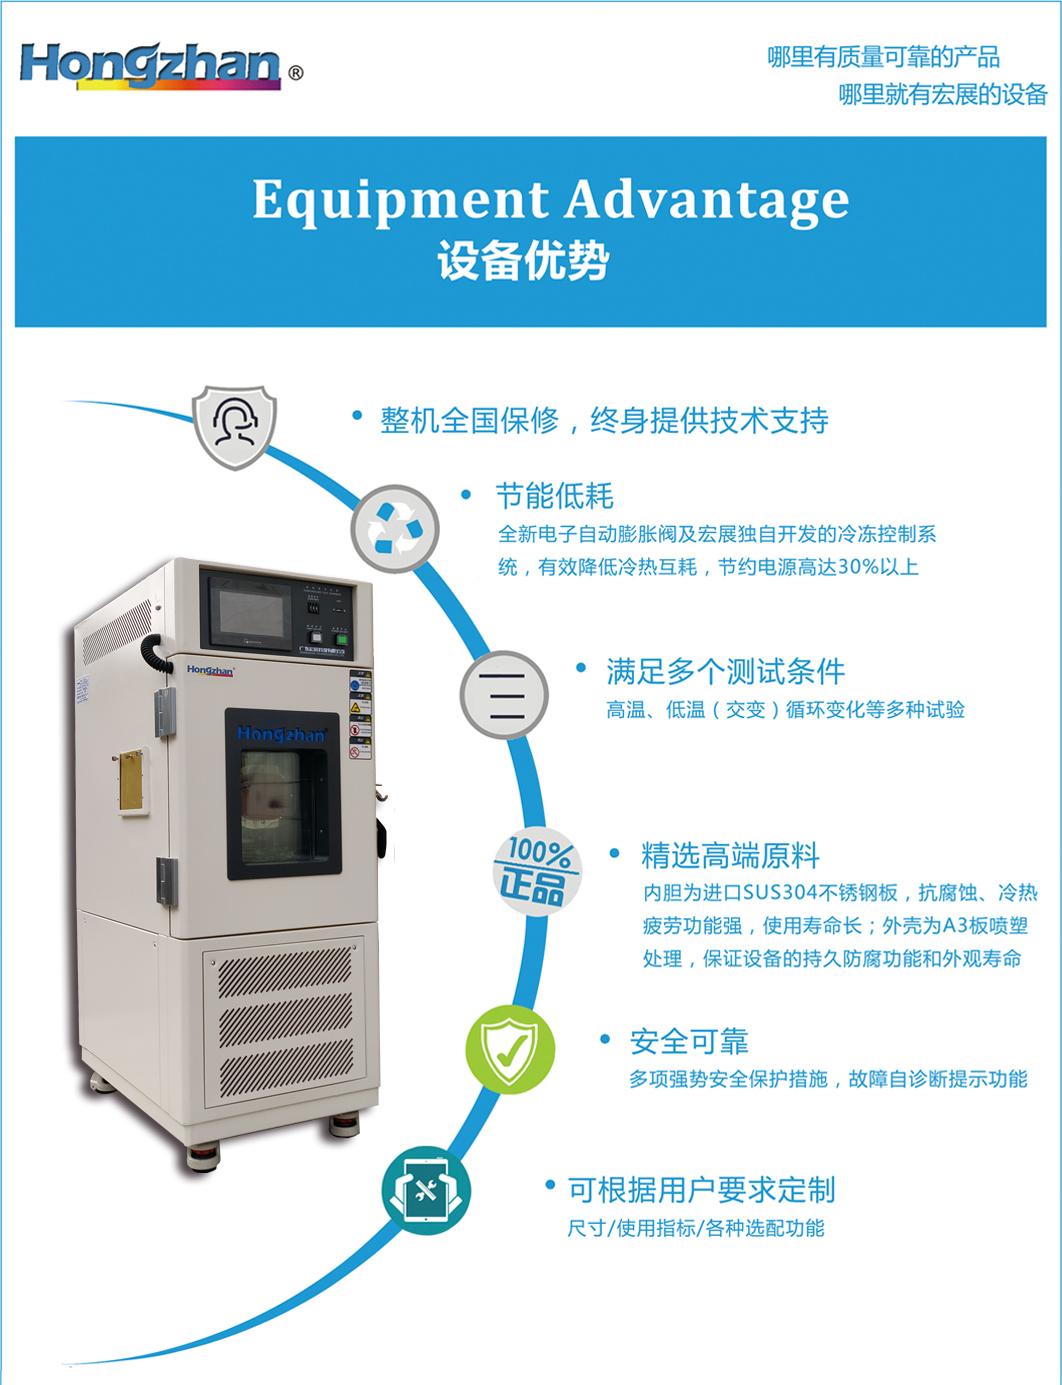 高低溫試驗箱,高低溫試驗機,高低溫試驗設備技術優勢:節能低耗、滿足多個測試條件、零配件精選優異原料、全自動控制與保護協調系統、可根據用戶需求定制等